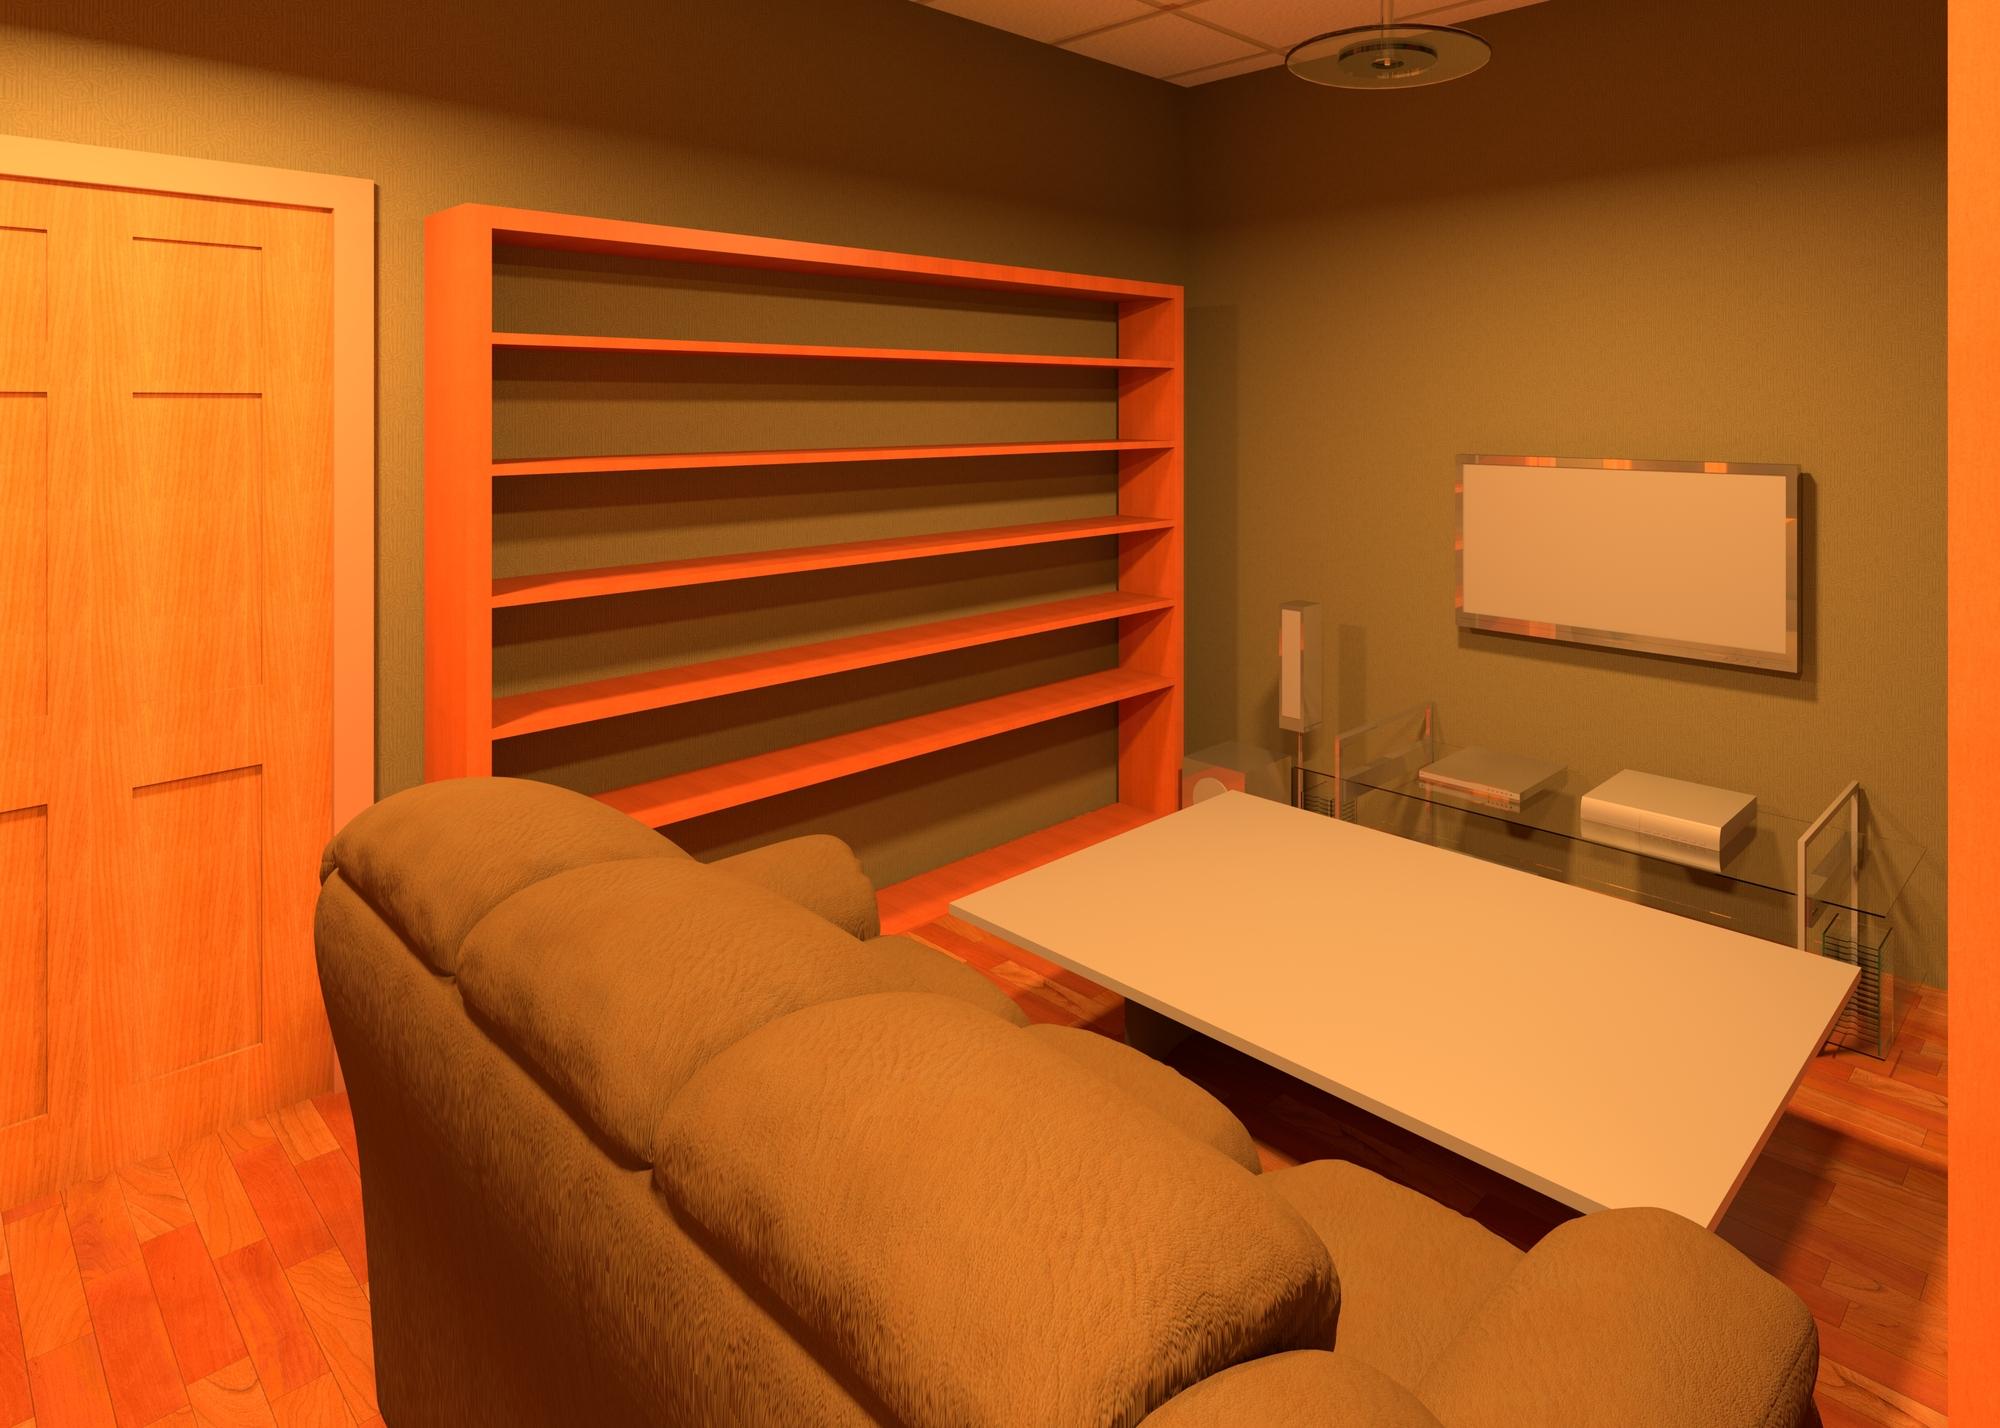 Raas-rendering20140930-5011-1ynnkp